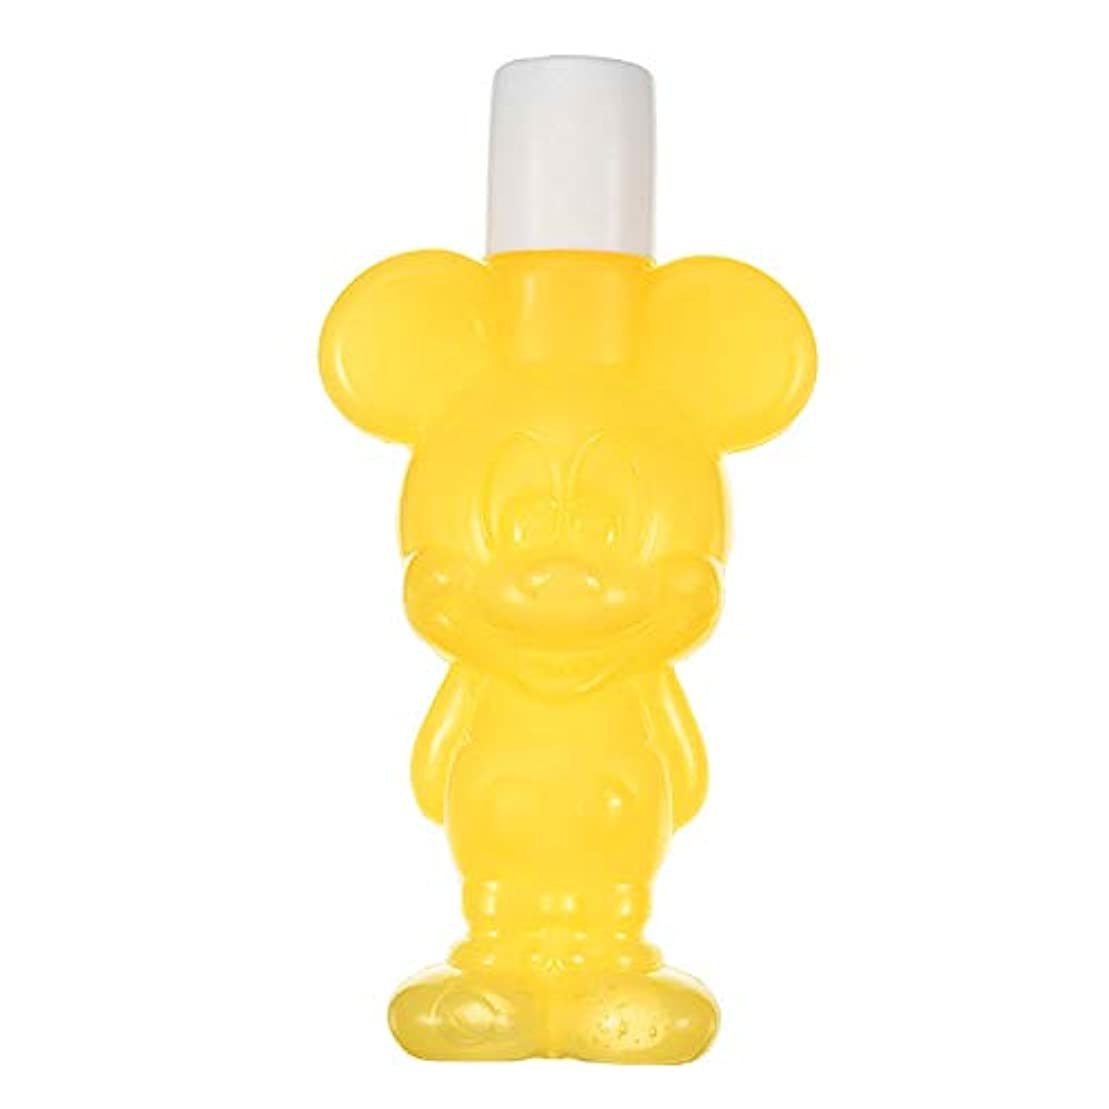 マーキー魚戸口ディズニーストア(公式)保湿ジェル ミッキー イエロー Gummy Candy Cosme